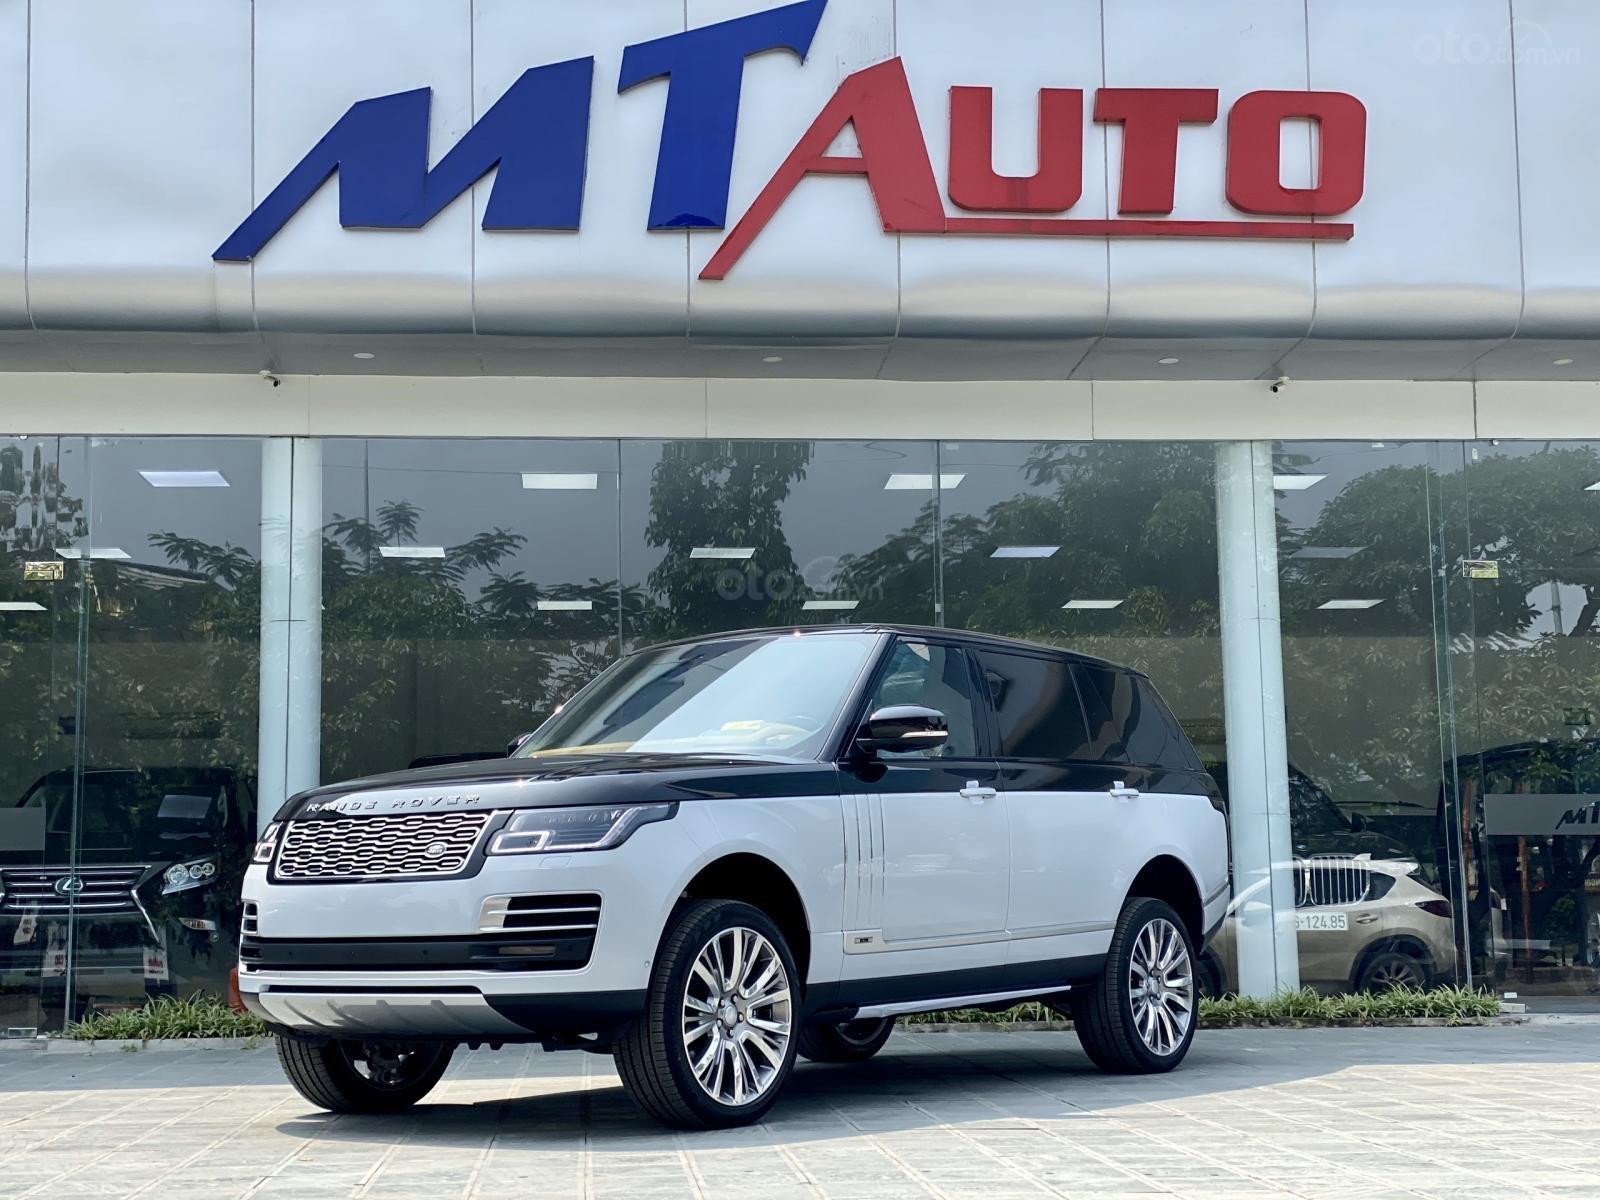 Cần bán LandRover Range Rover SV Autobio LWB 3.0 model 2020, màu trắng đen, mới 100% (1)